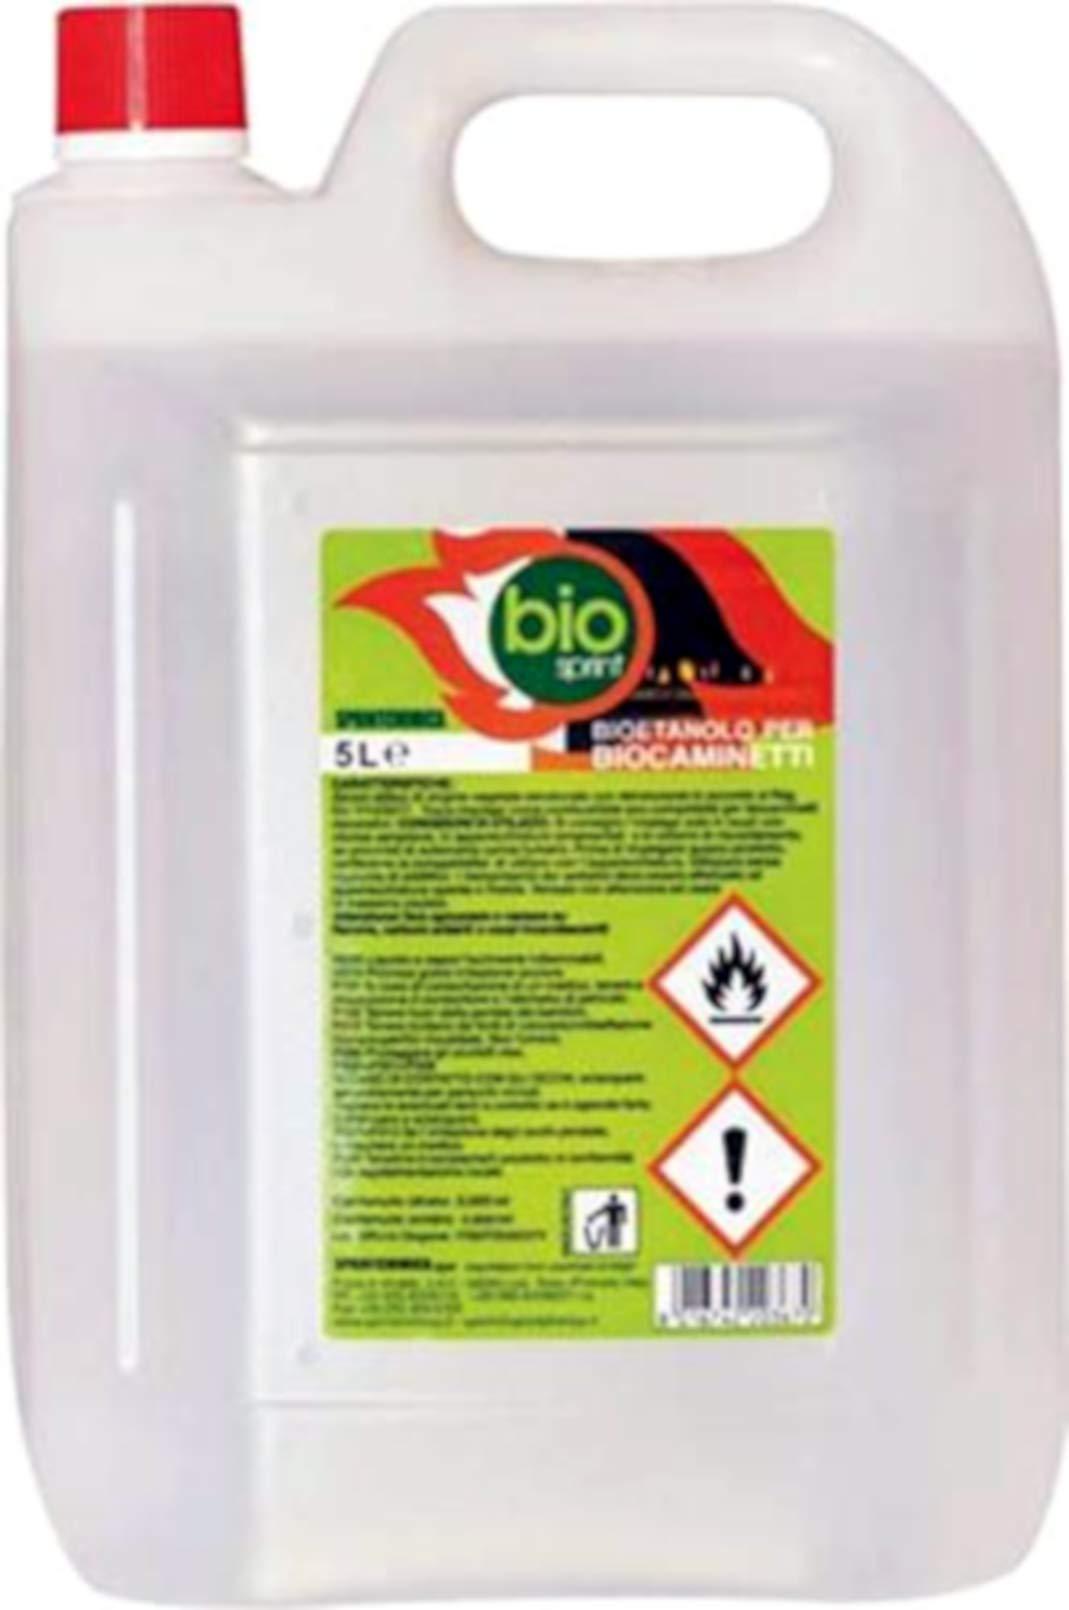 Bioetanolo-combustibile-stufe-Bio-Sprint-5-litri-999-inodore-no-fumo-naturale-no-zolfo